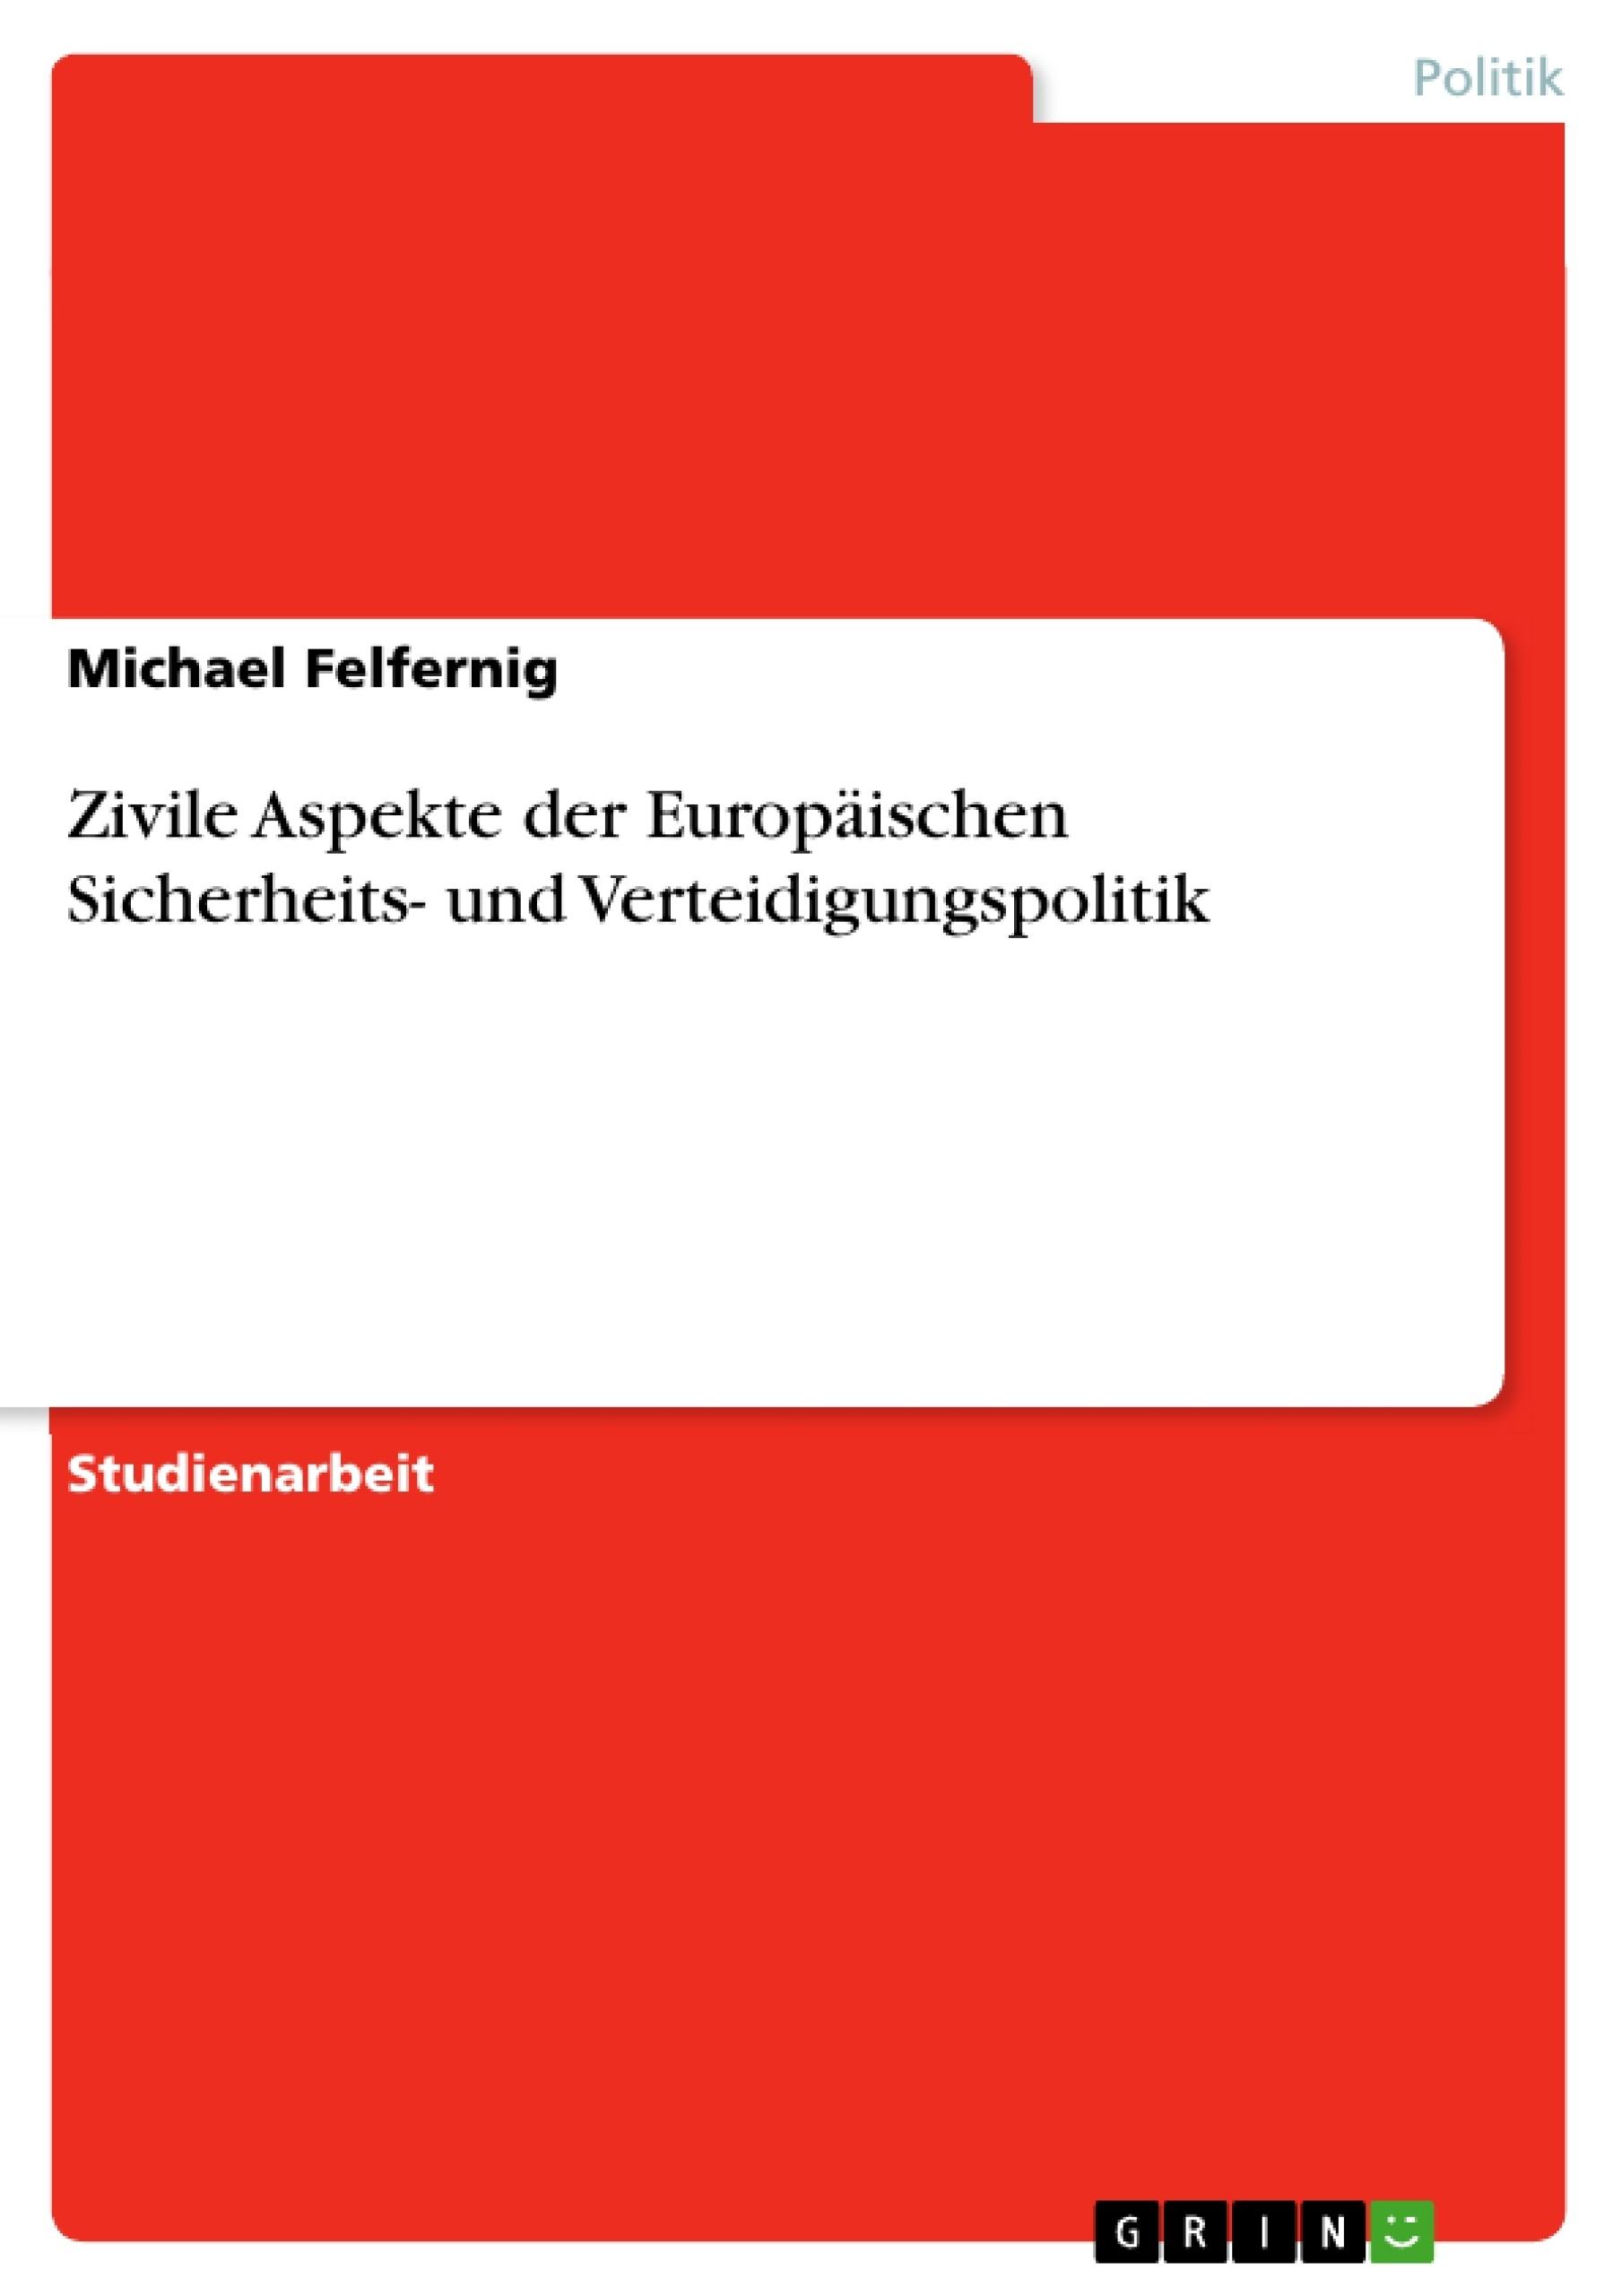 Titel: Zivile Aspekte der Europäischen Sicherheits- und Verteidigungspolitik